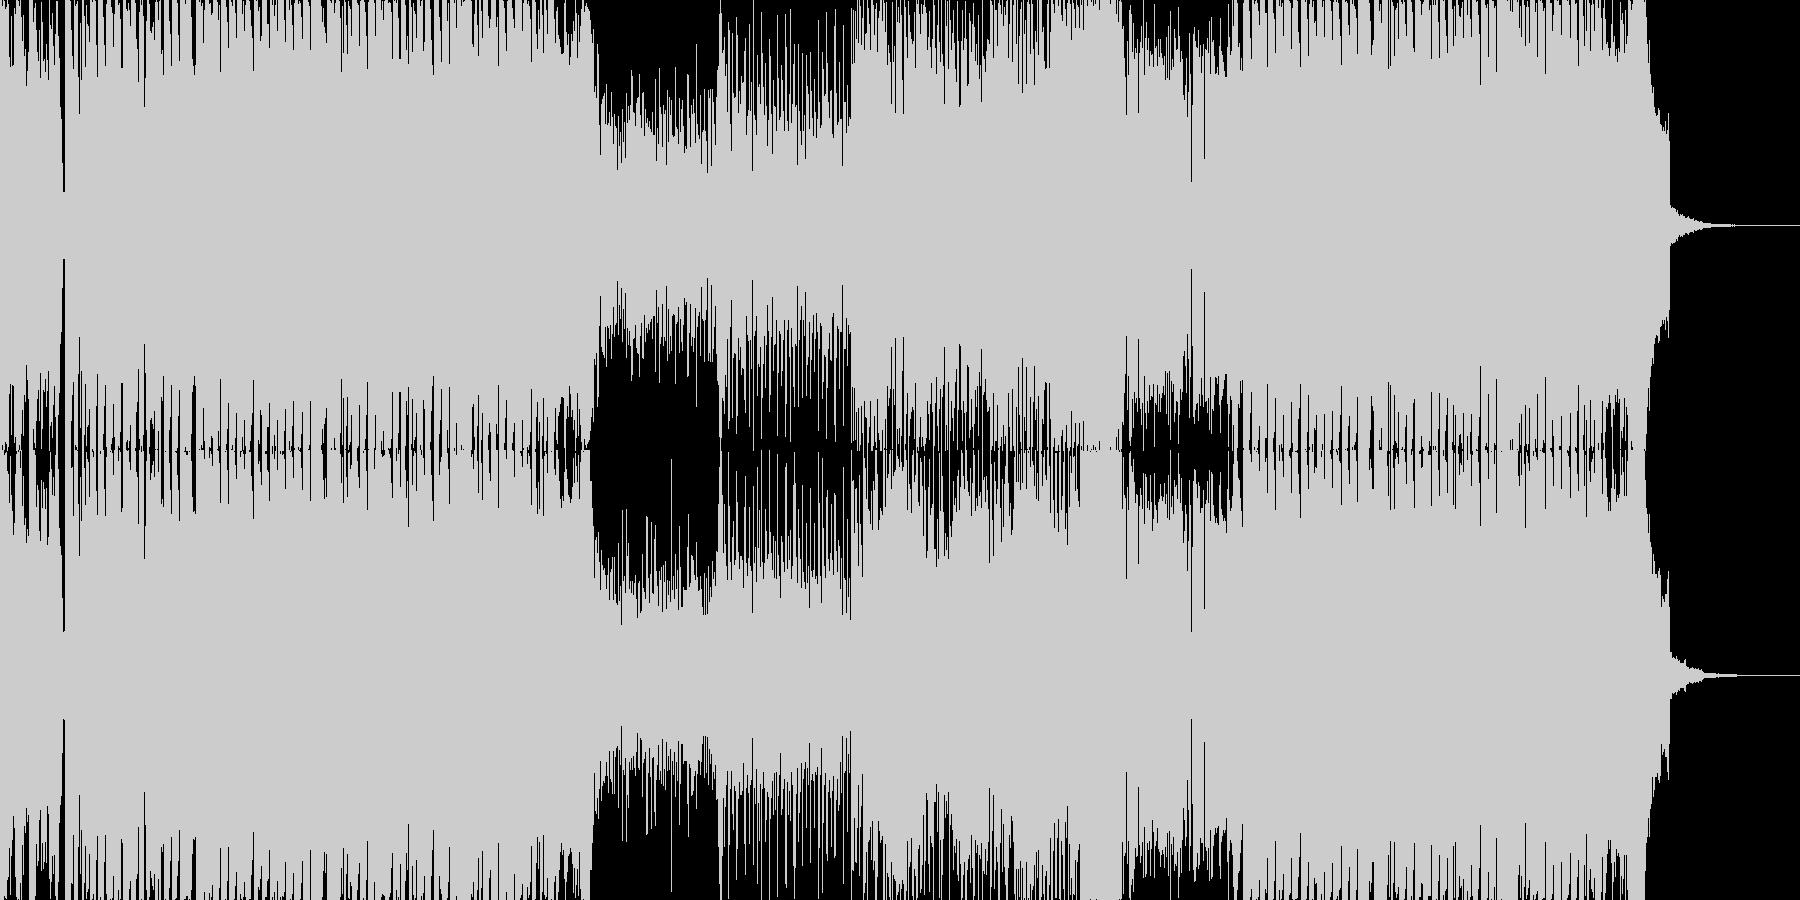 ハイテンションなワブルベースのEDMの未再生の波形